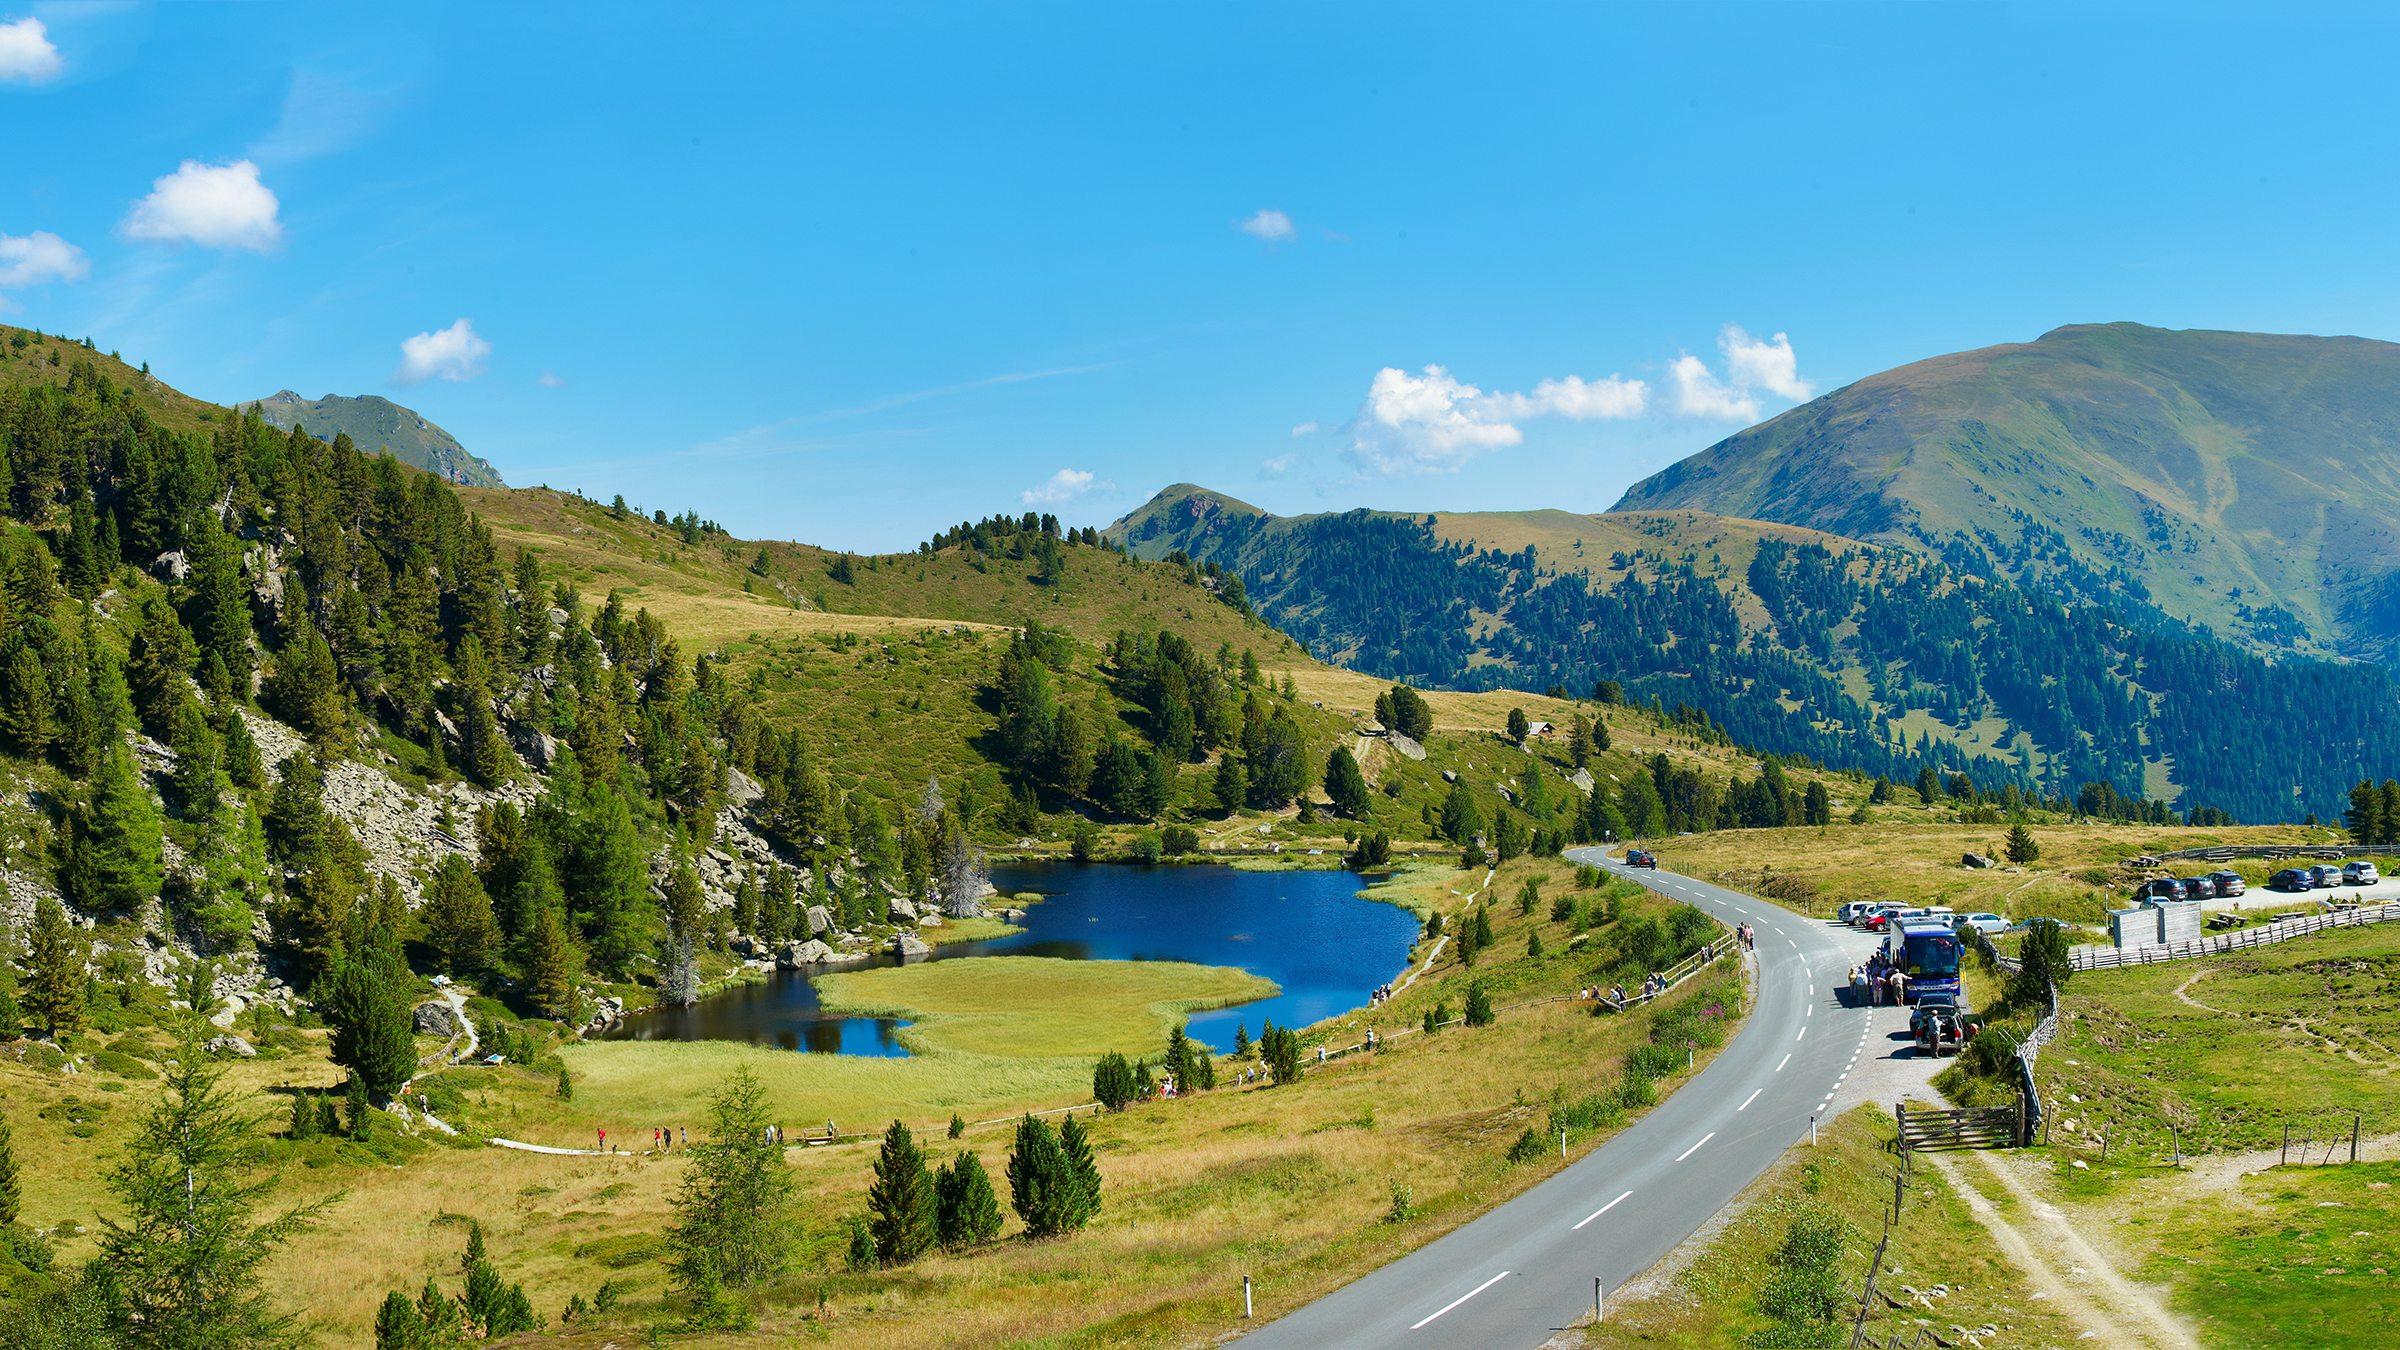 Auf der Nockalmstraße erleben sie Europas einizigen Biosphärenpark im sanften Hochgebirge!